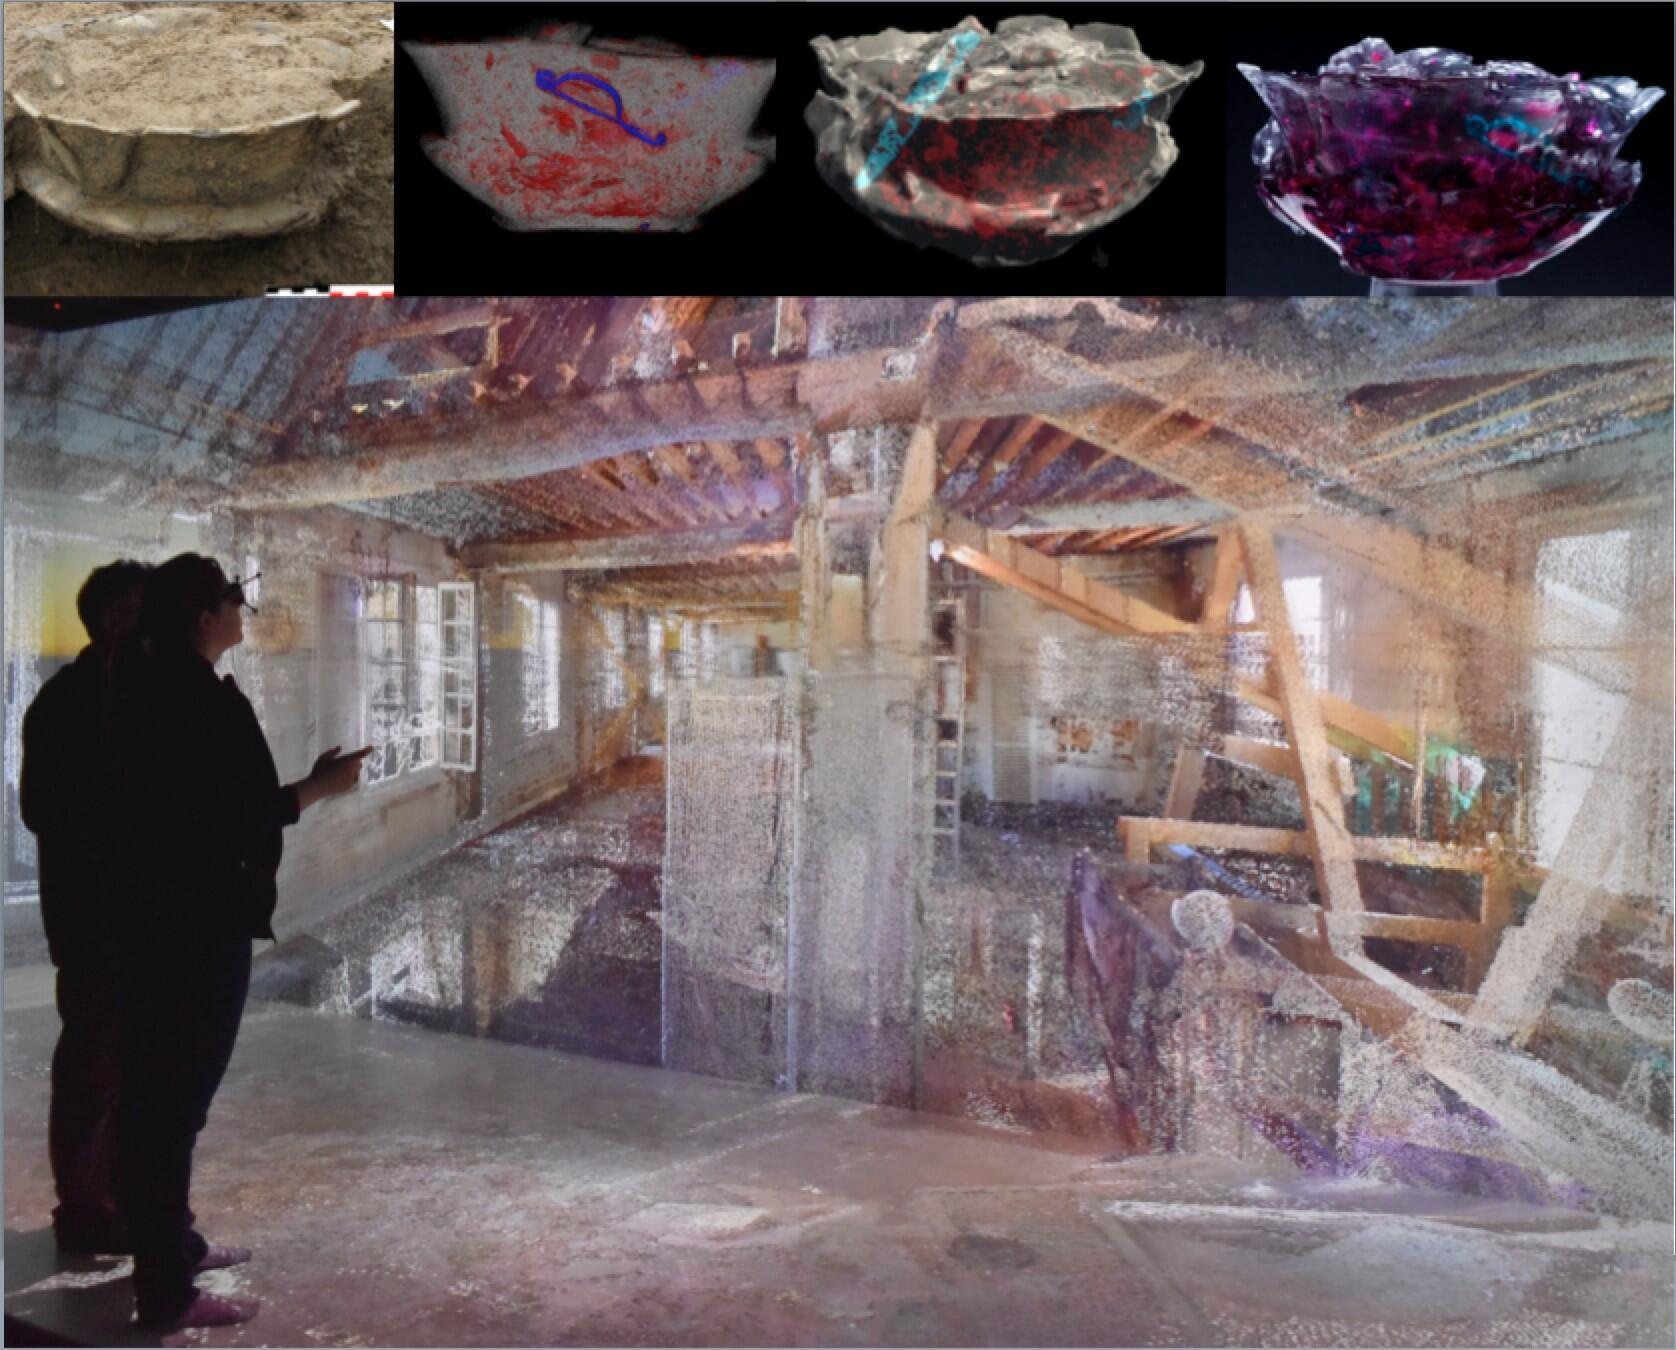 Illustration d'un travail d'étude d'une urne funéraire trouvée à Guipry par l'Inrap, par tomodensitométrie avec production d'un modèle 3D. La grande photo montre le résultat d'une numérisation par scan laser d'une ancienne salle de jeu de paume à Rennes.